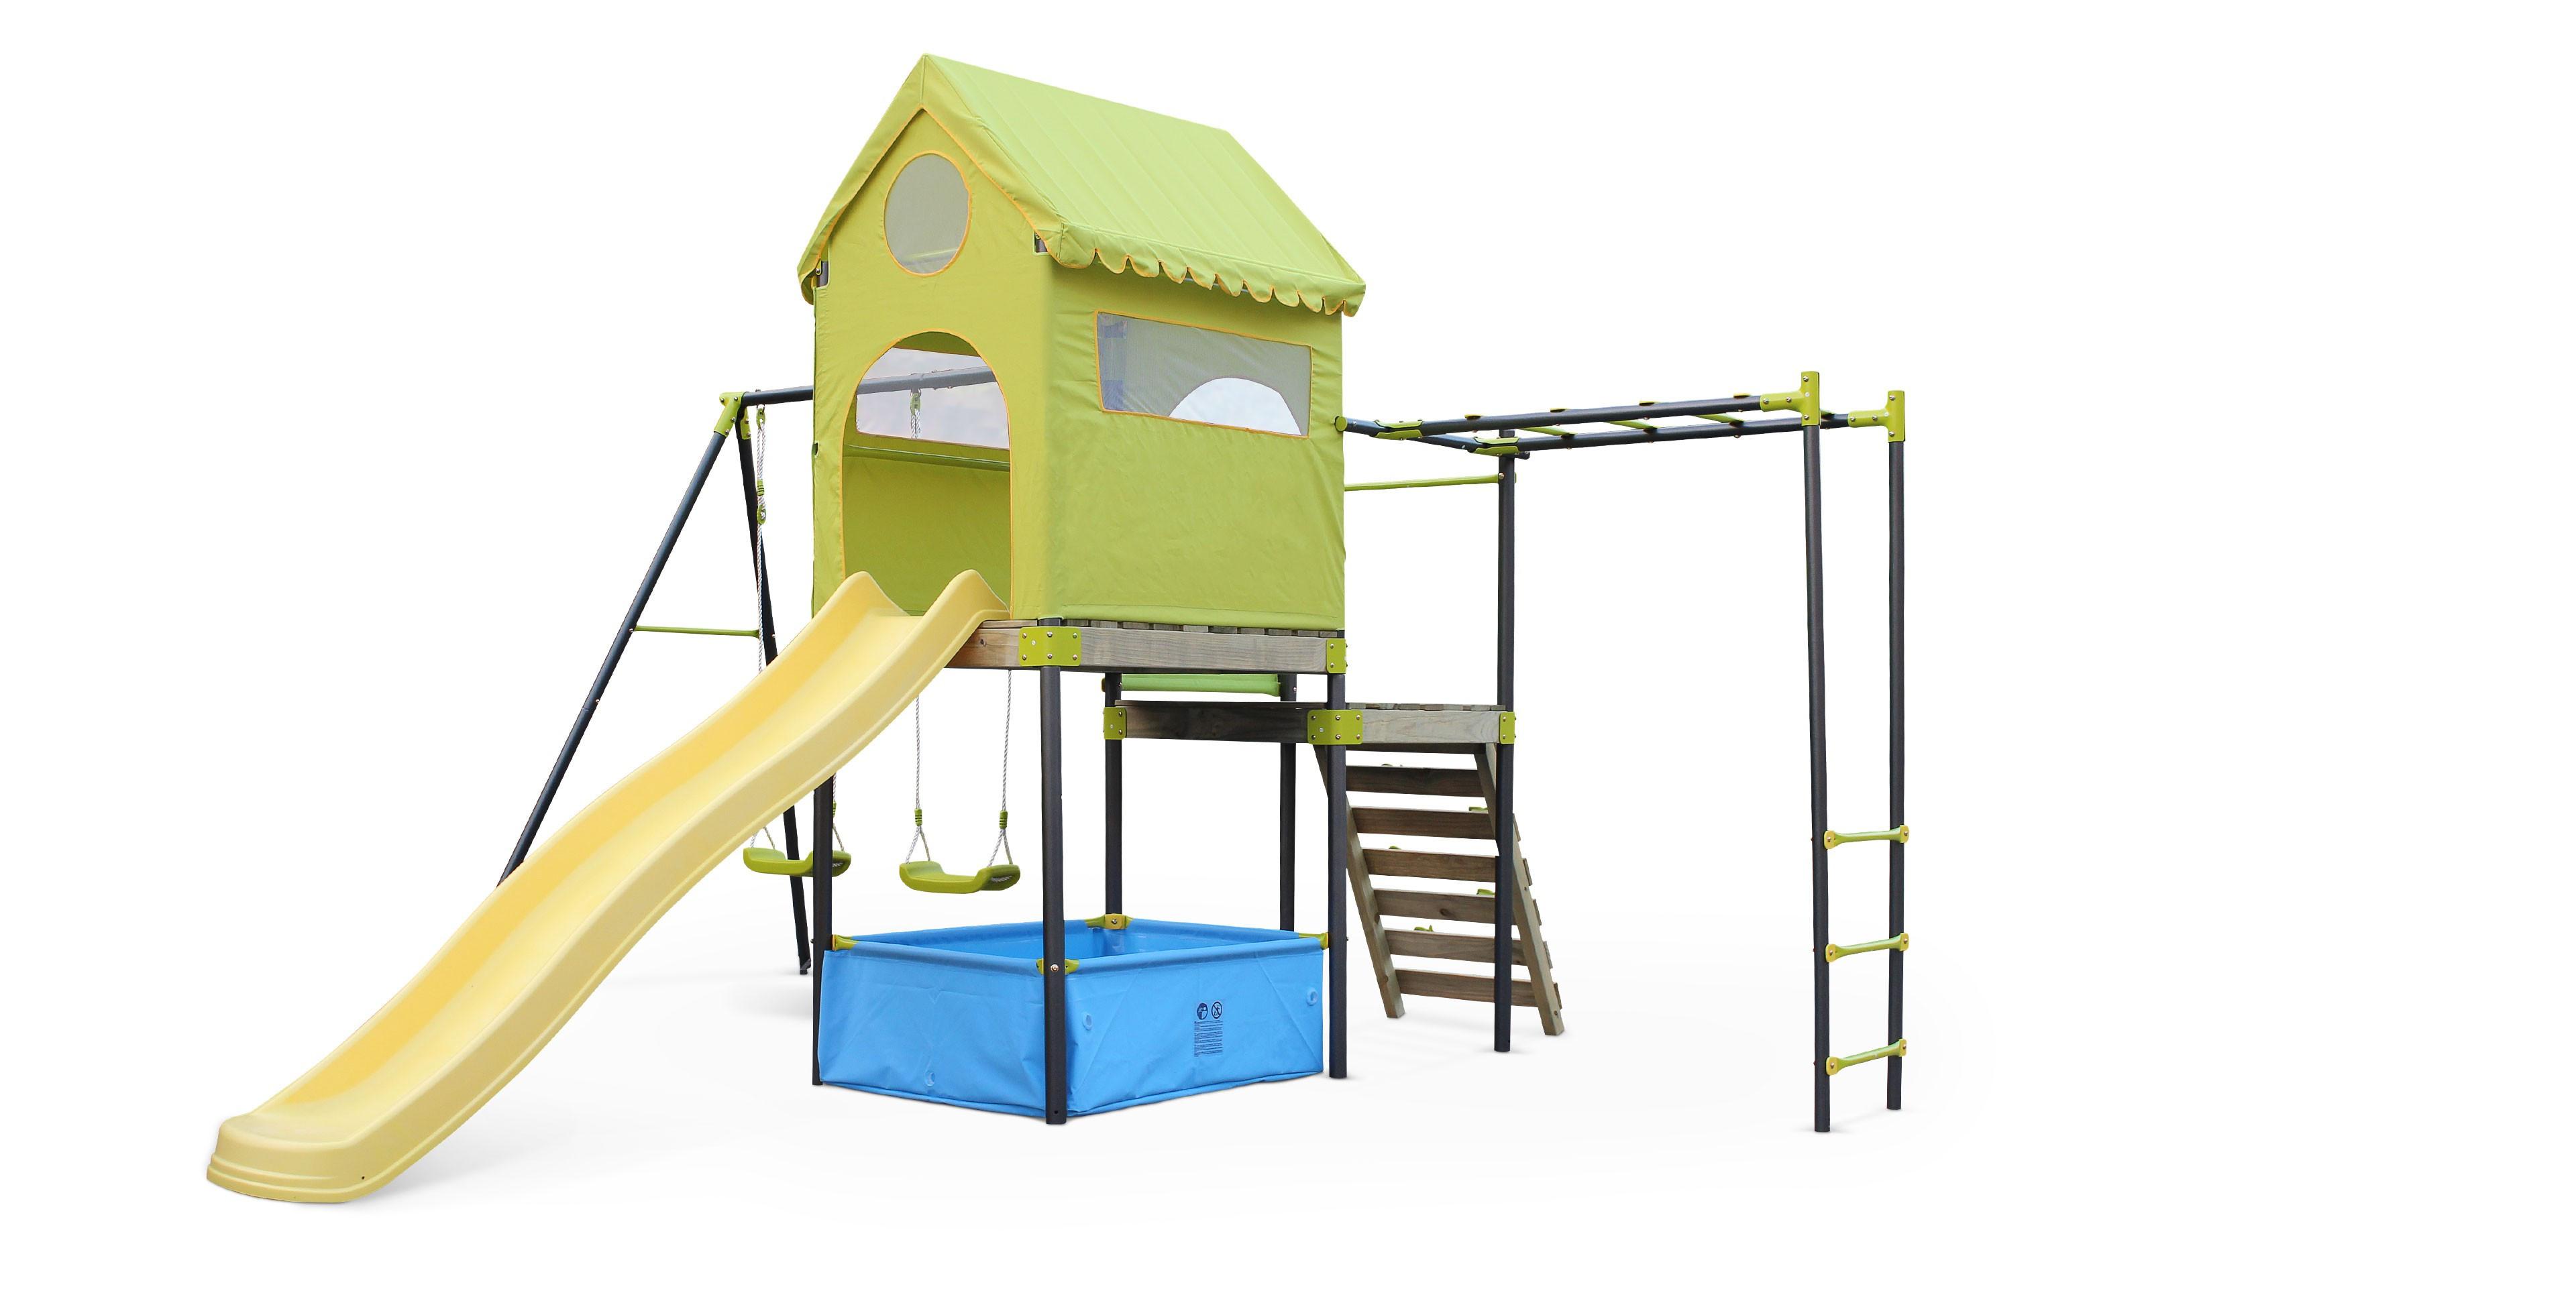 Magasin Habitat Et Jardin Nouveau Stock Playmobil Jardin D Enfant Avec élégant toboggan De Jardin Perfect